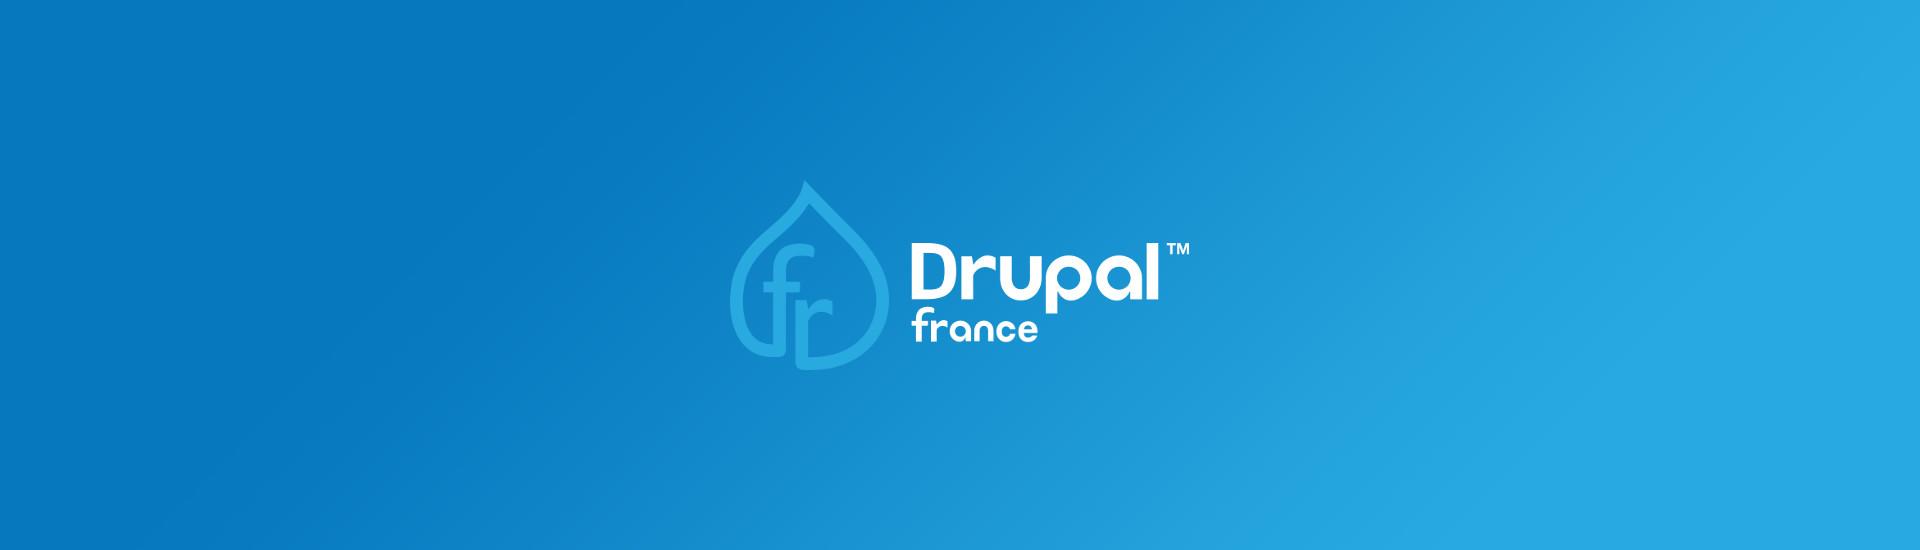 Webqam référencé en tant que partenaire Drupal France !